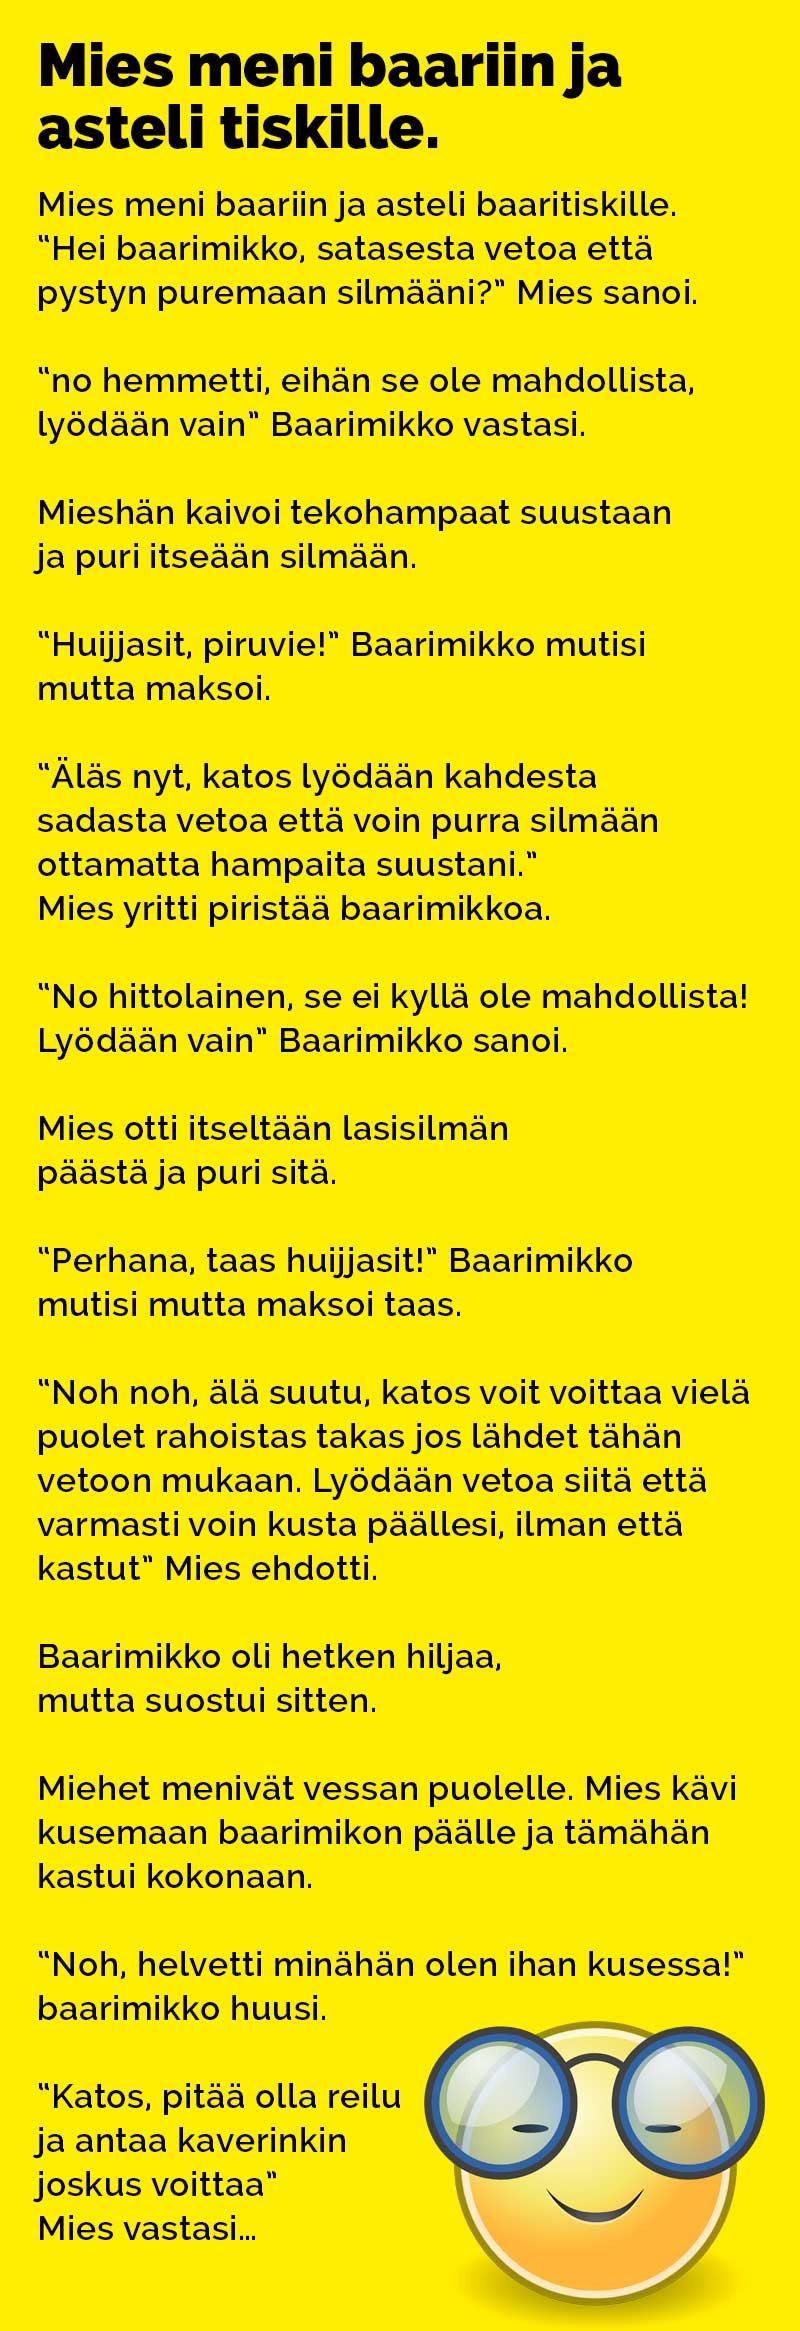 vitsit_mies_meni_baariin_asteli_tiskille_2